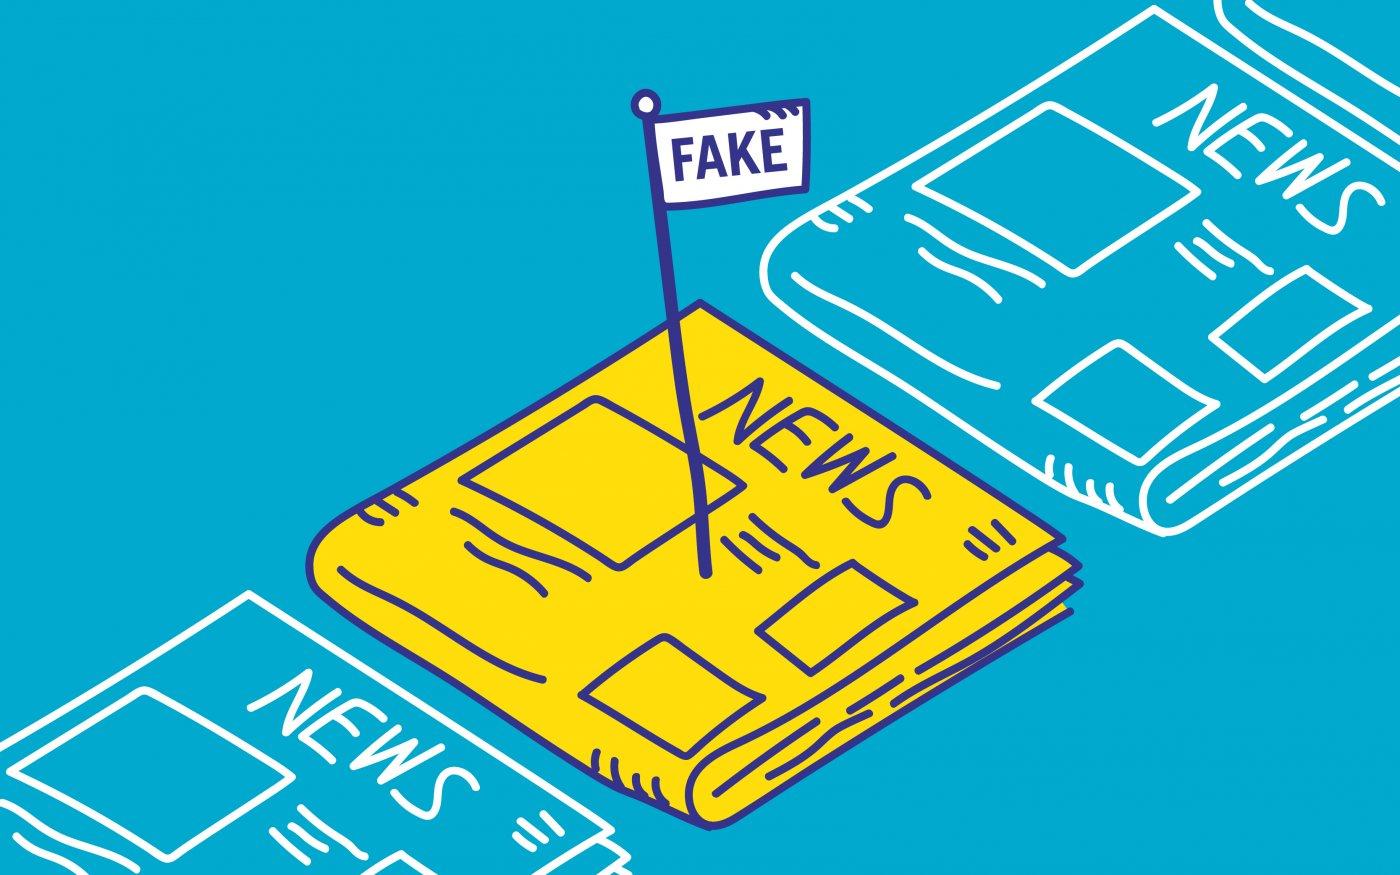 Cómo detectar fake news: guía completa para que no te la cuelen   Bloygo